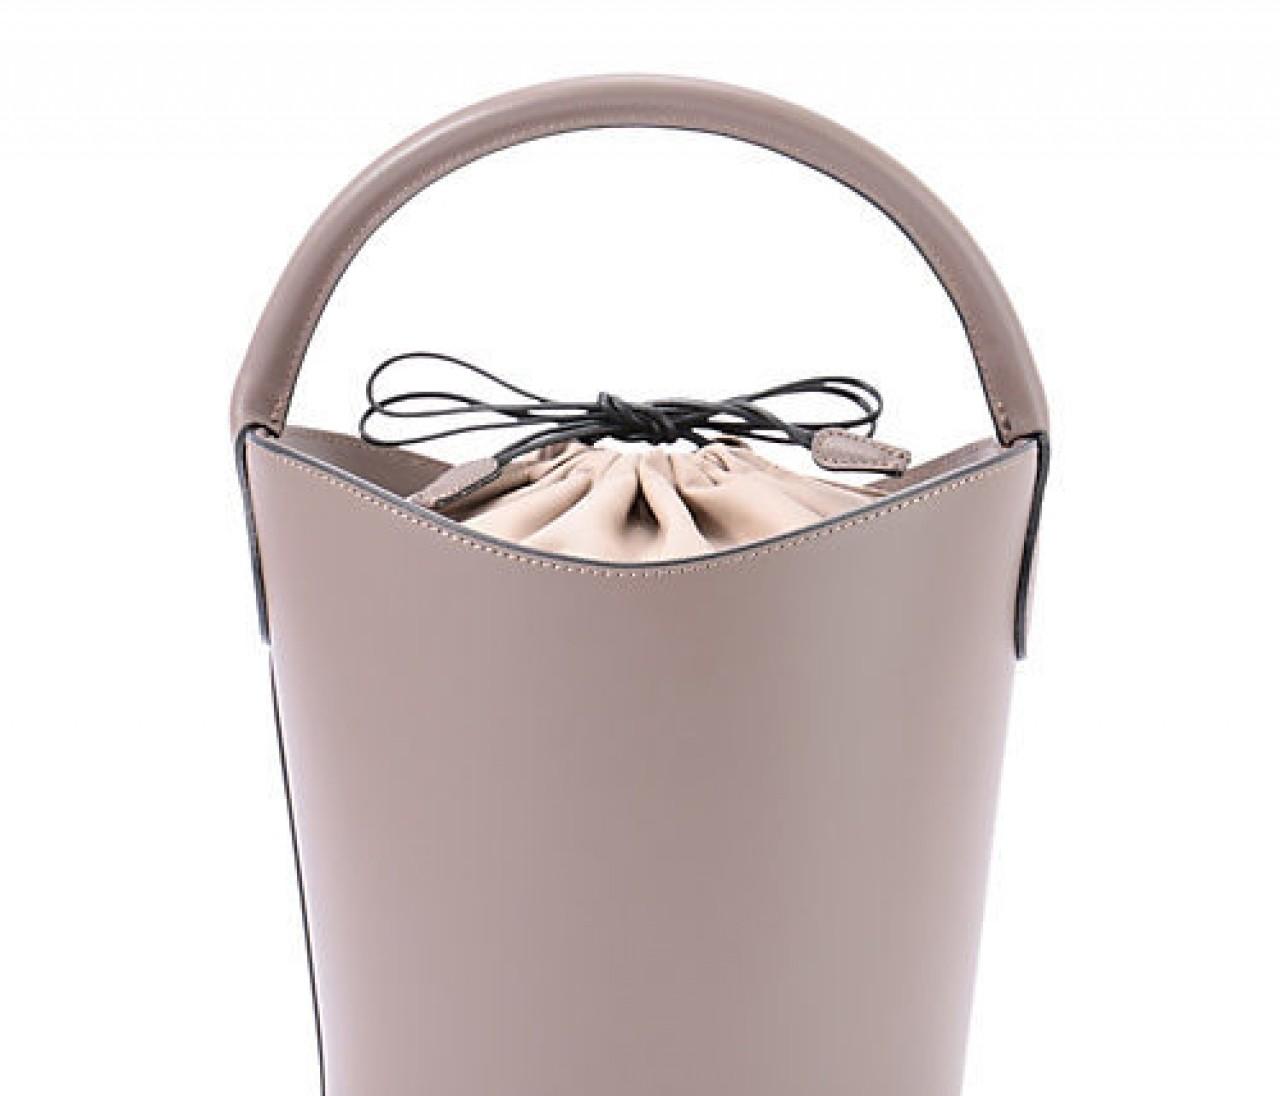 エディター、スタイリストの間でも大人気のバケツ型バッグが入荷!